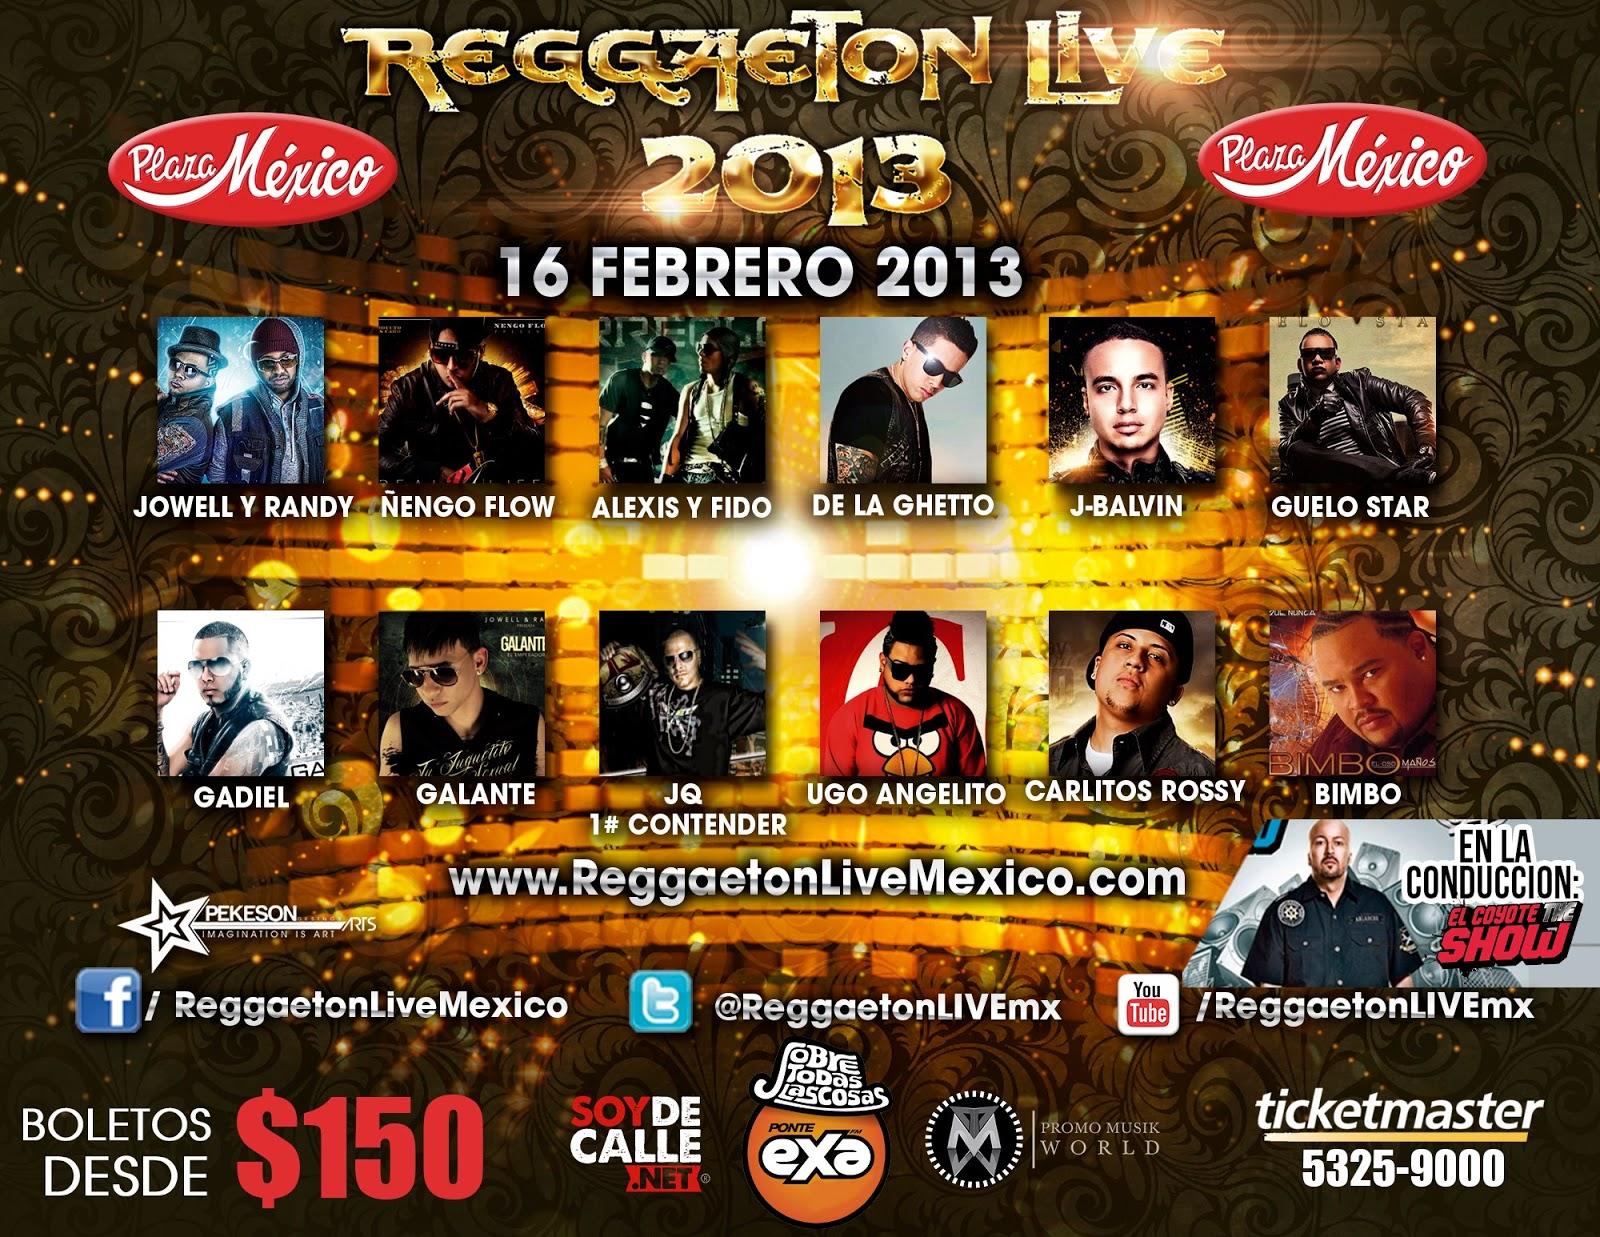 videos y mp3 de reggaeton: